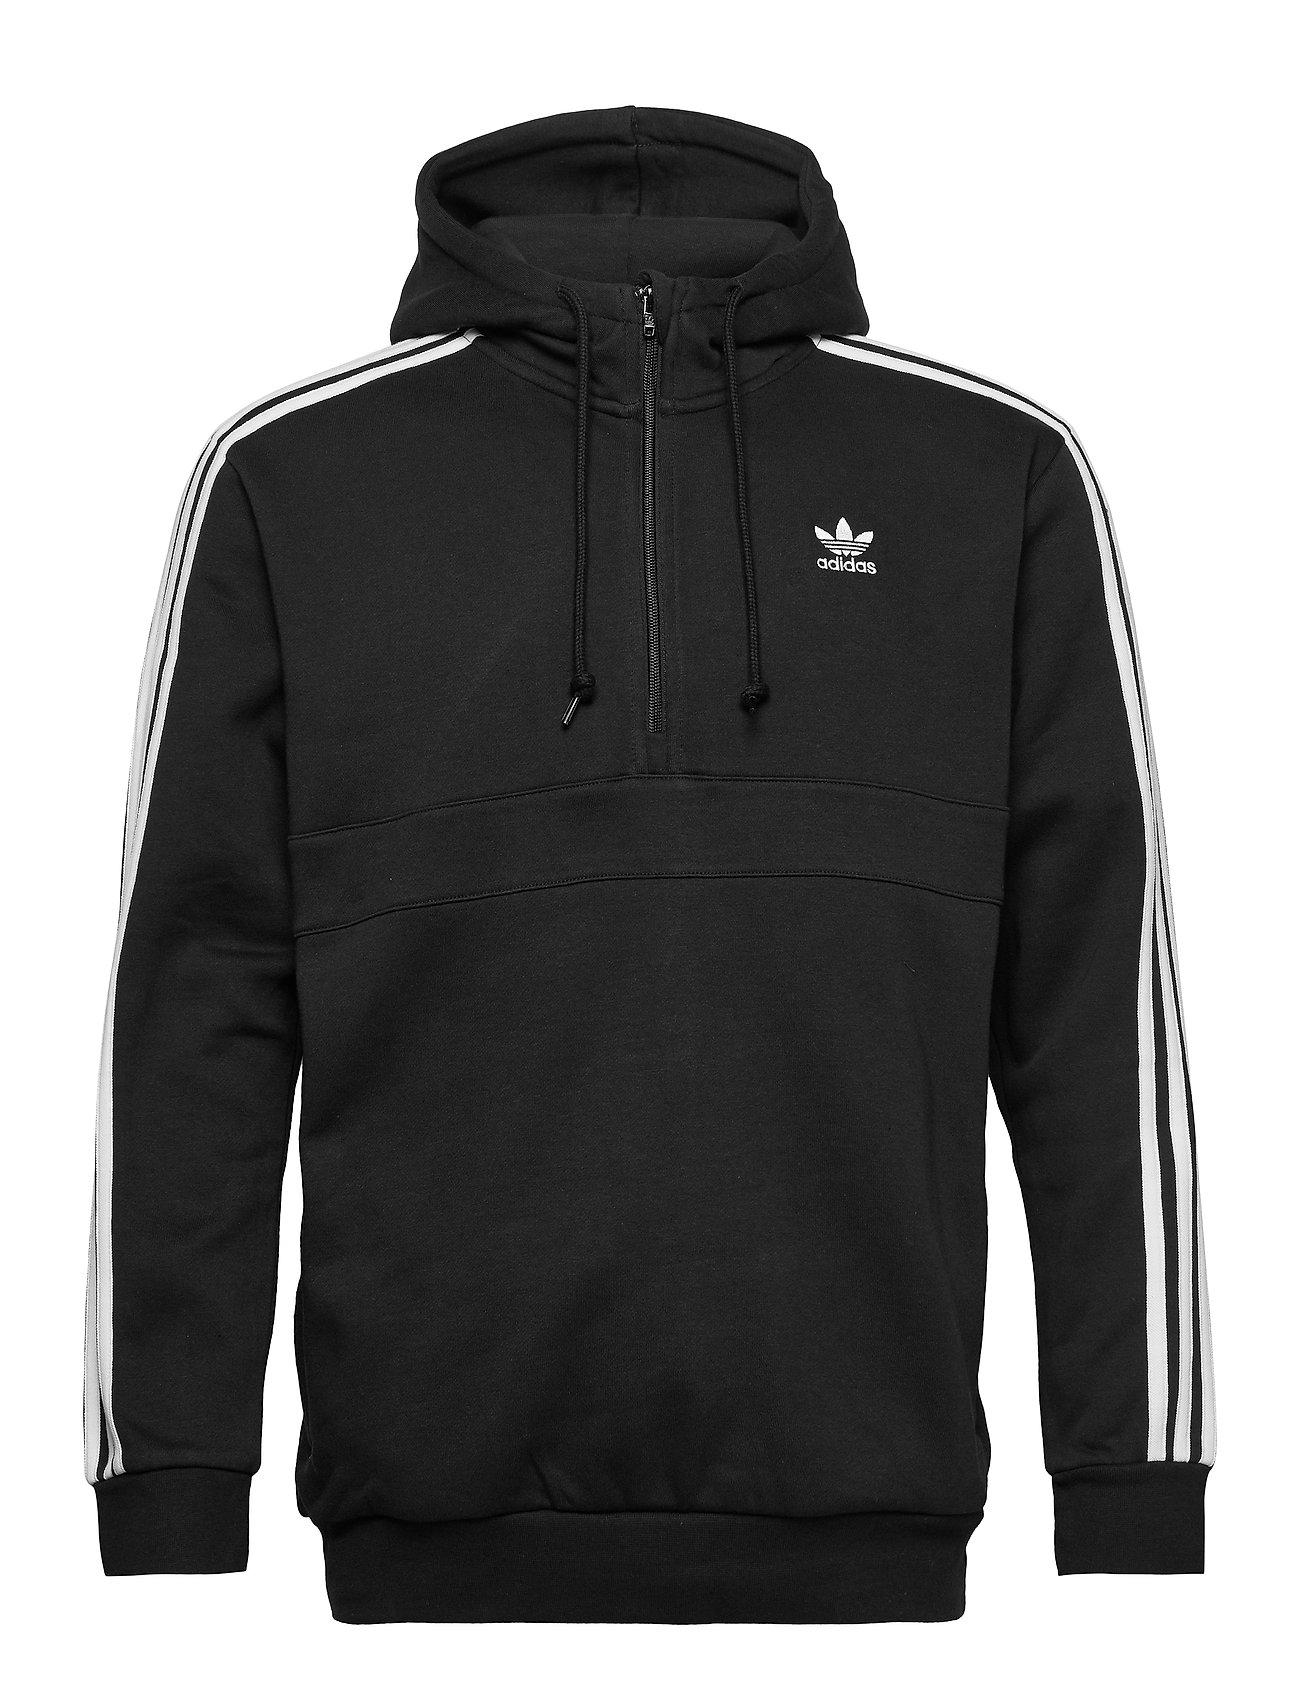 adidas Originals 3-STRIPES HZ - BLACK